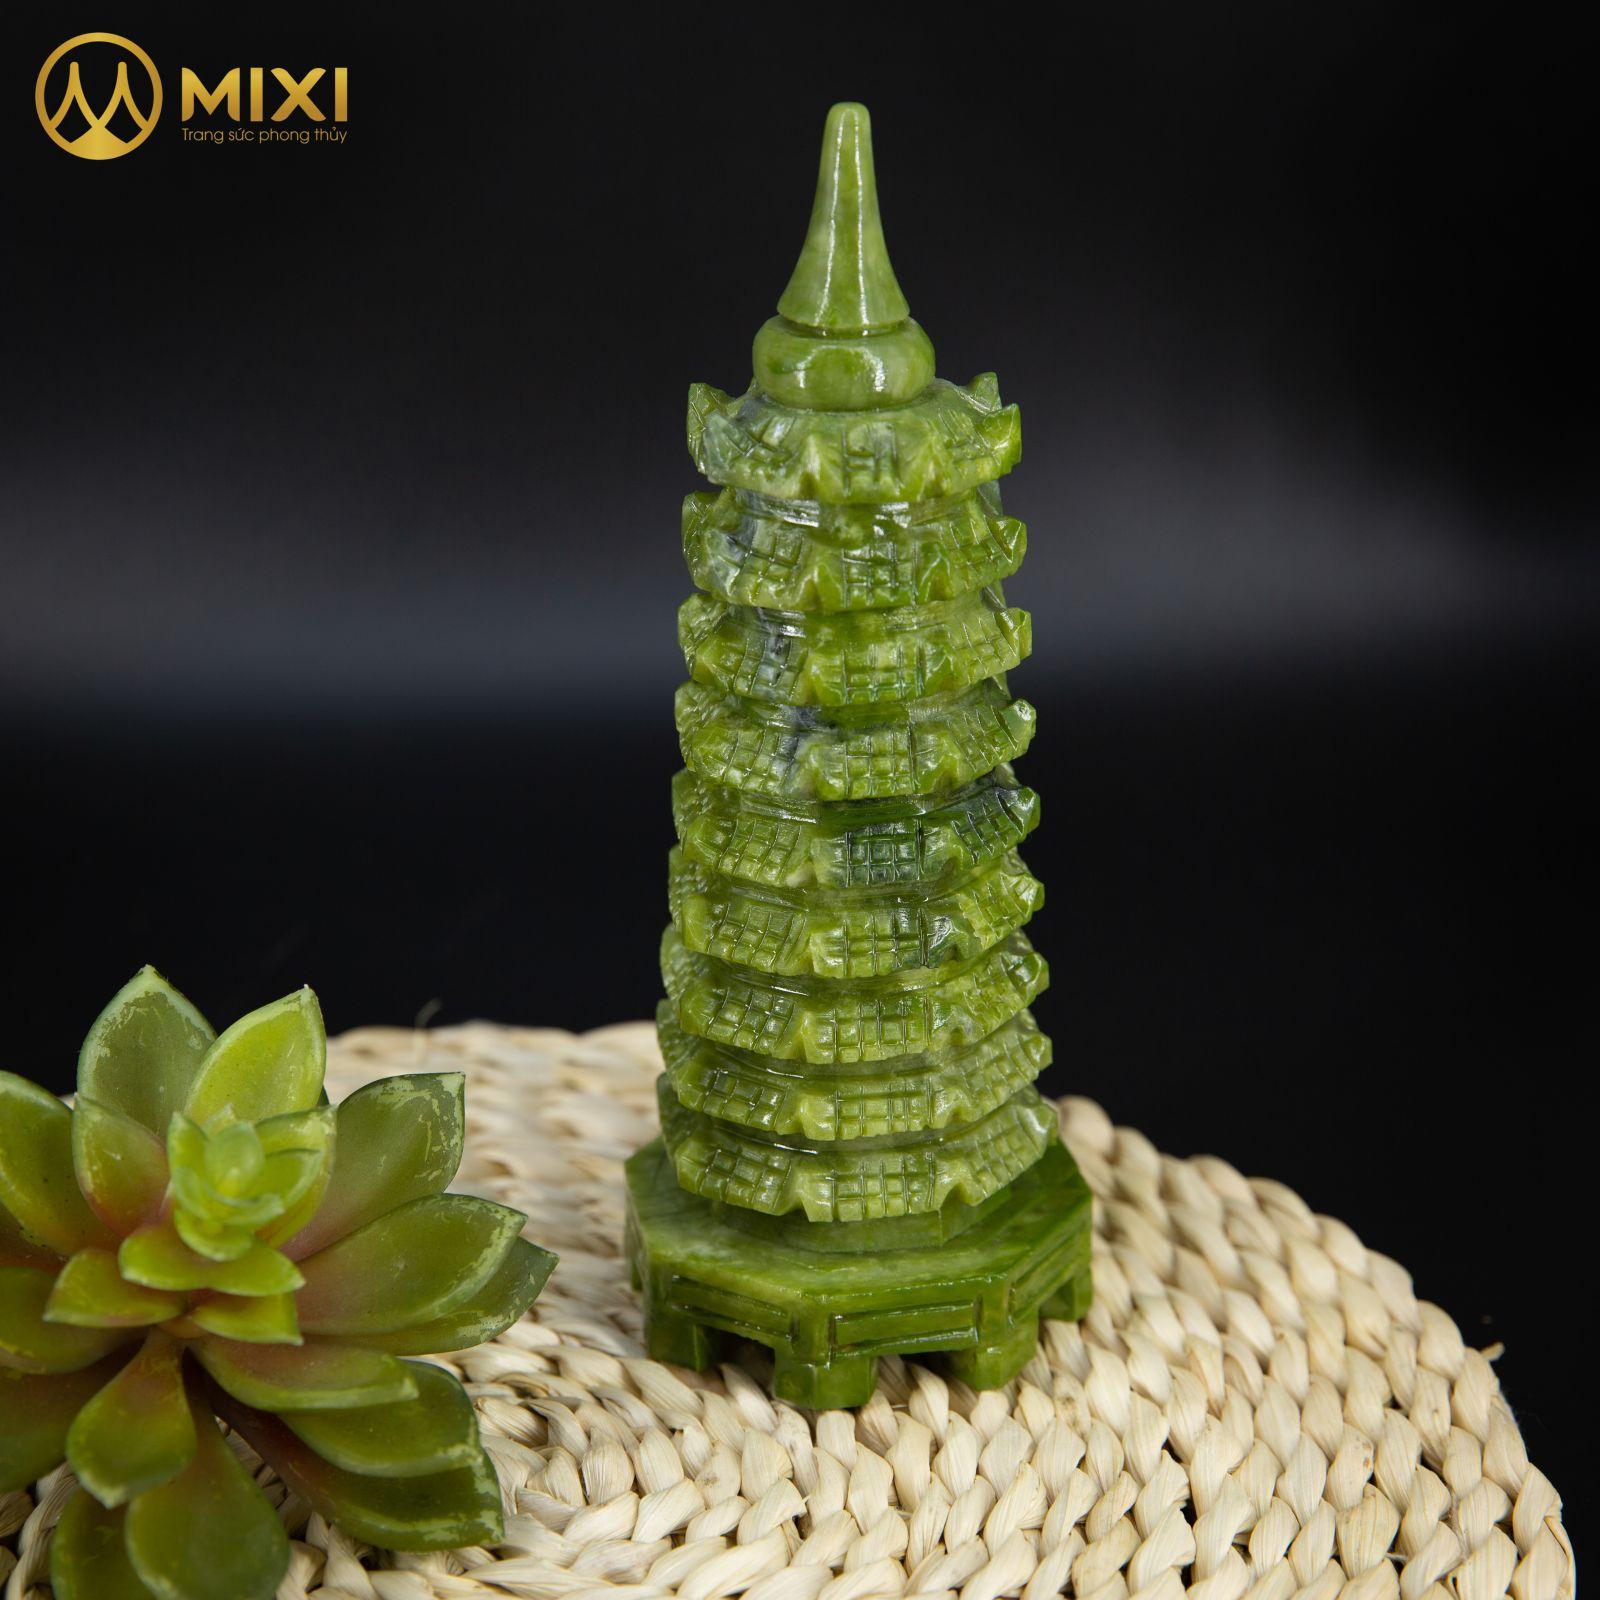 Tháp Văn Xương Serpentine_14 cm